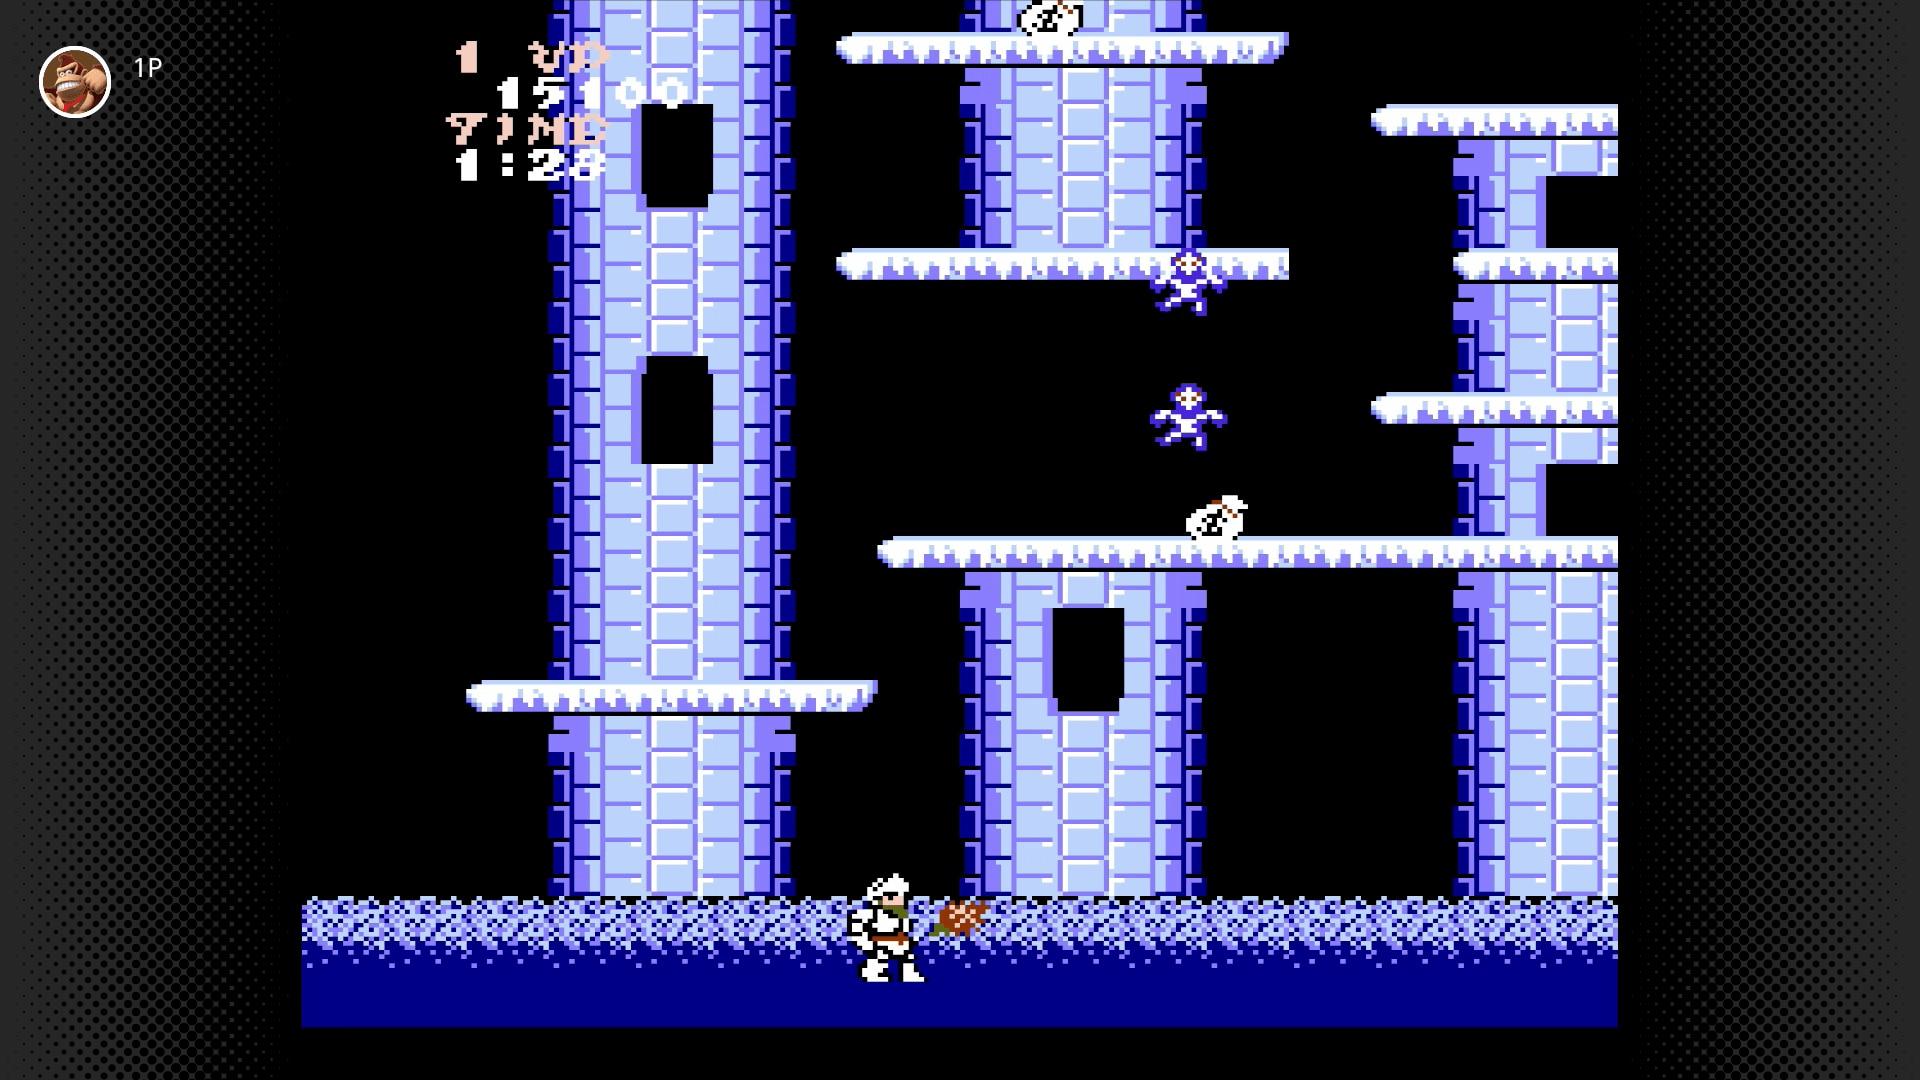 ファミコン版『魔界村』って本当に難しい?「ファミコンを知らぬ世代」がカプコンによる伝説の激ムズゲームに挑戦の画像006